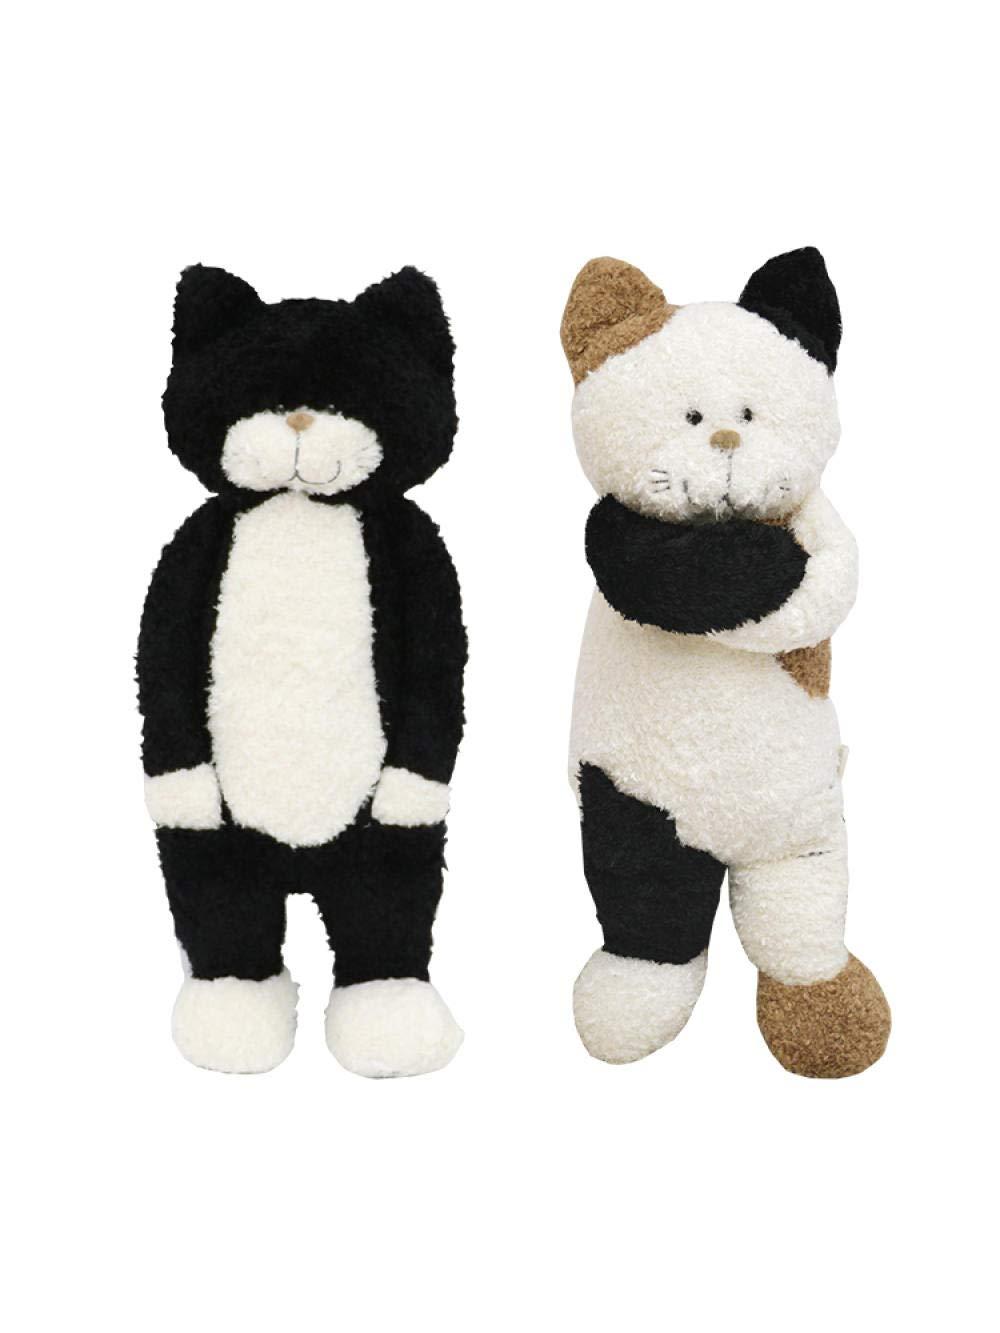 Tu satisfacción es nuestro objetivo Figura de gato, gato, gato, juguete de peluche, muñeca de gato, linda almohada para dormir, muñeca de muñeca, regalo de cumpleaños femenino@Gato gris   frank frank_Bolso de mano de regalo de la marca M 50cm.  Todos los productos obtienen hasta un 34% de descuento.